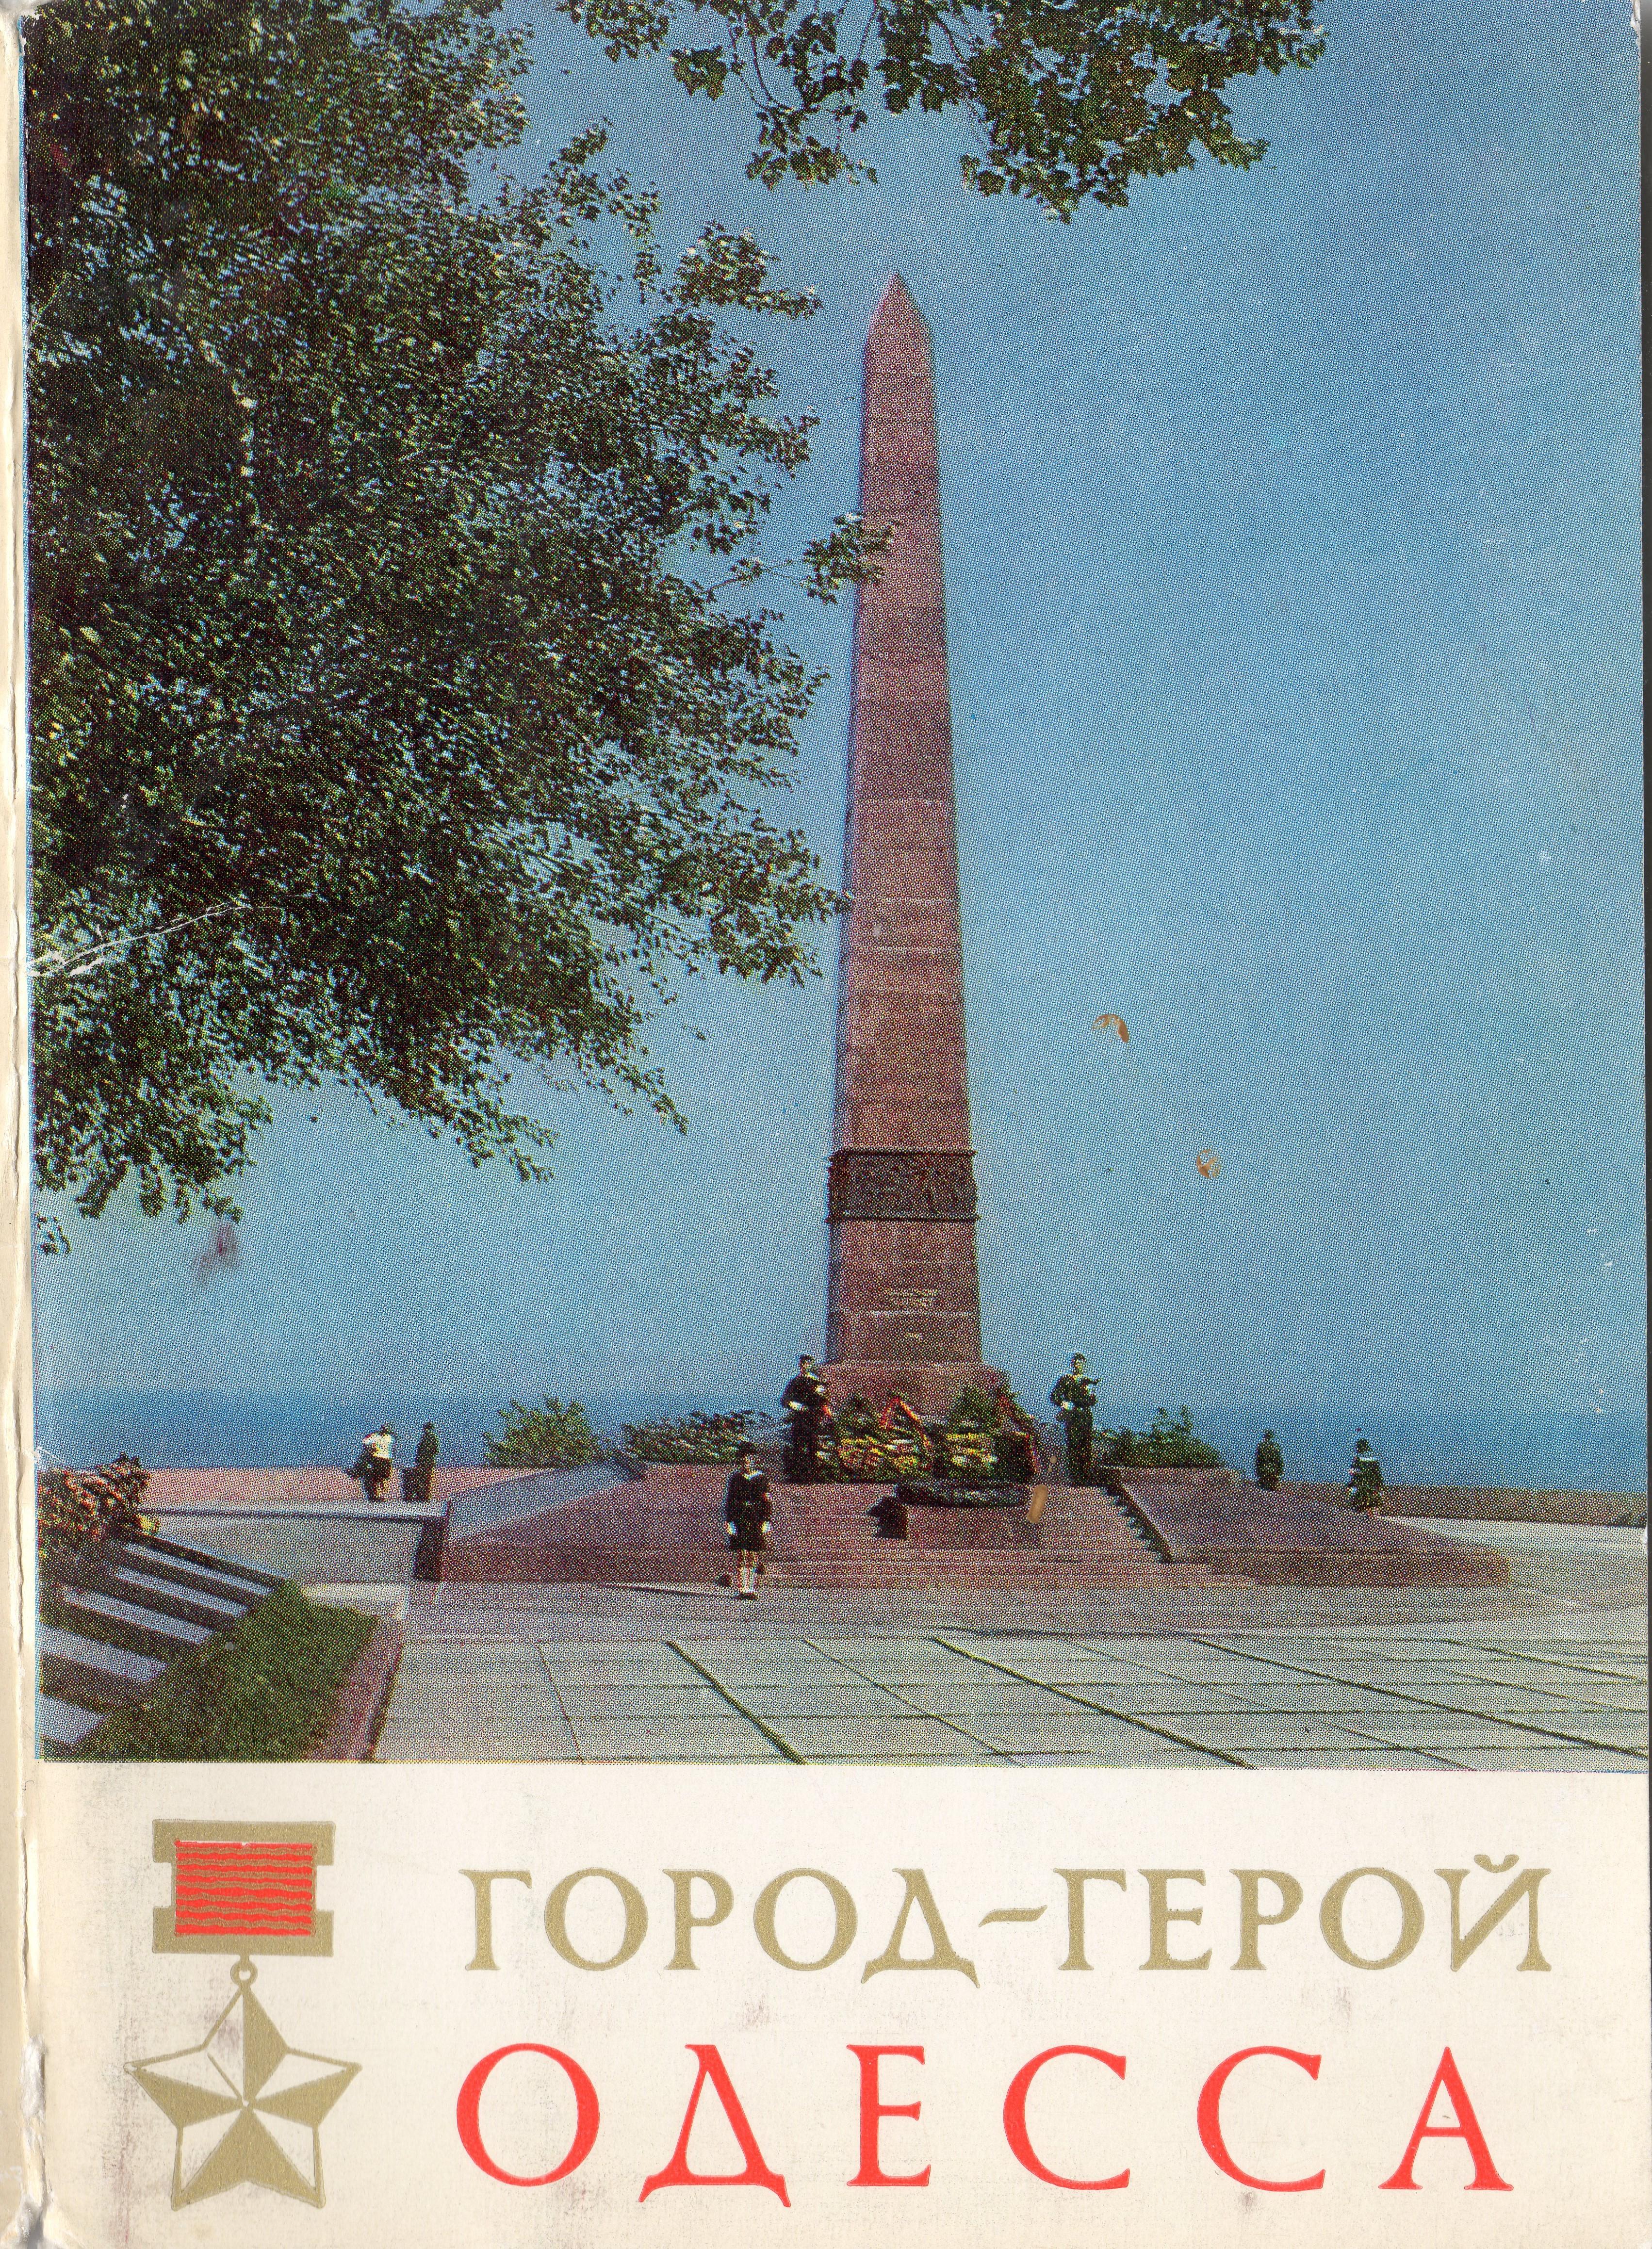 Картинки городов героев одесса